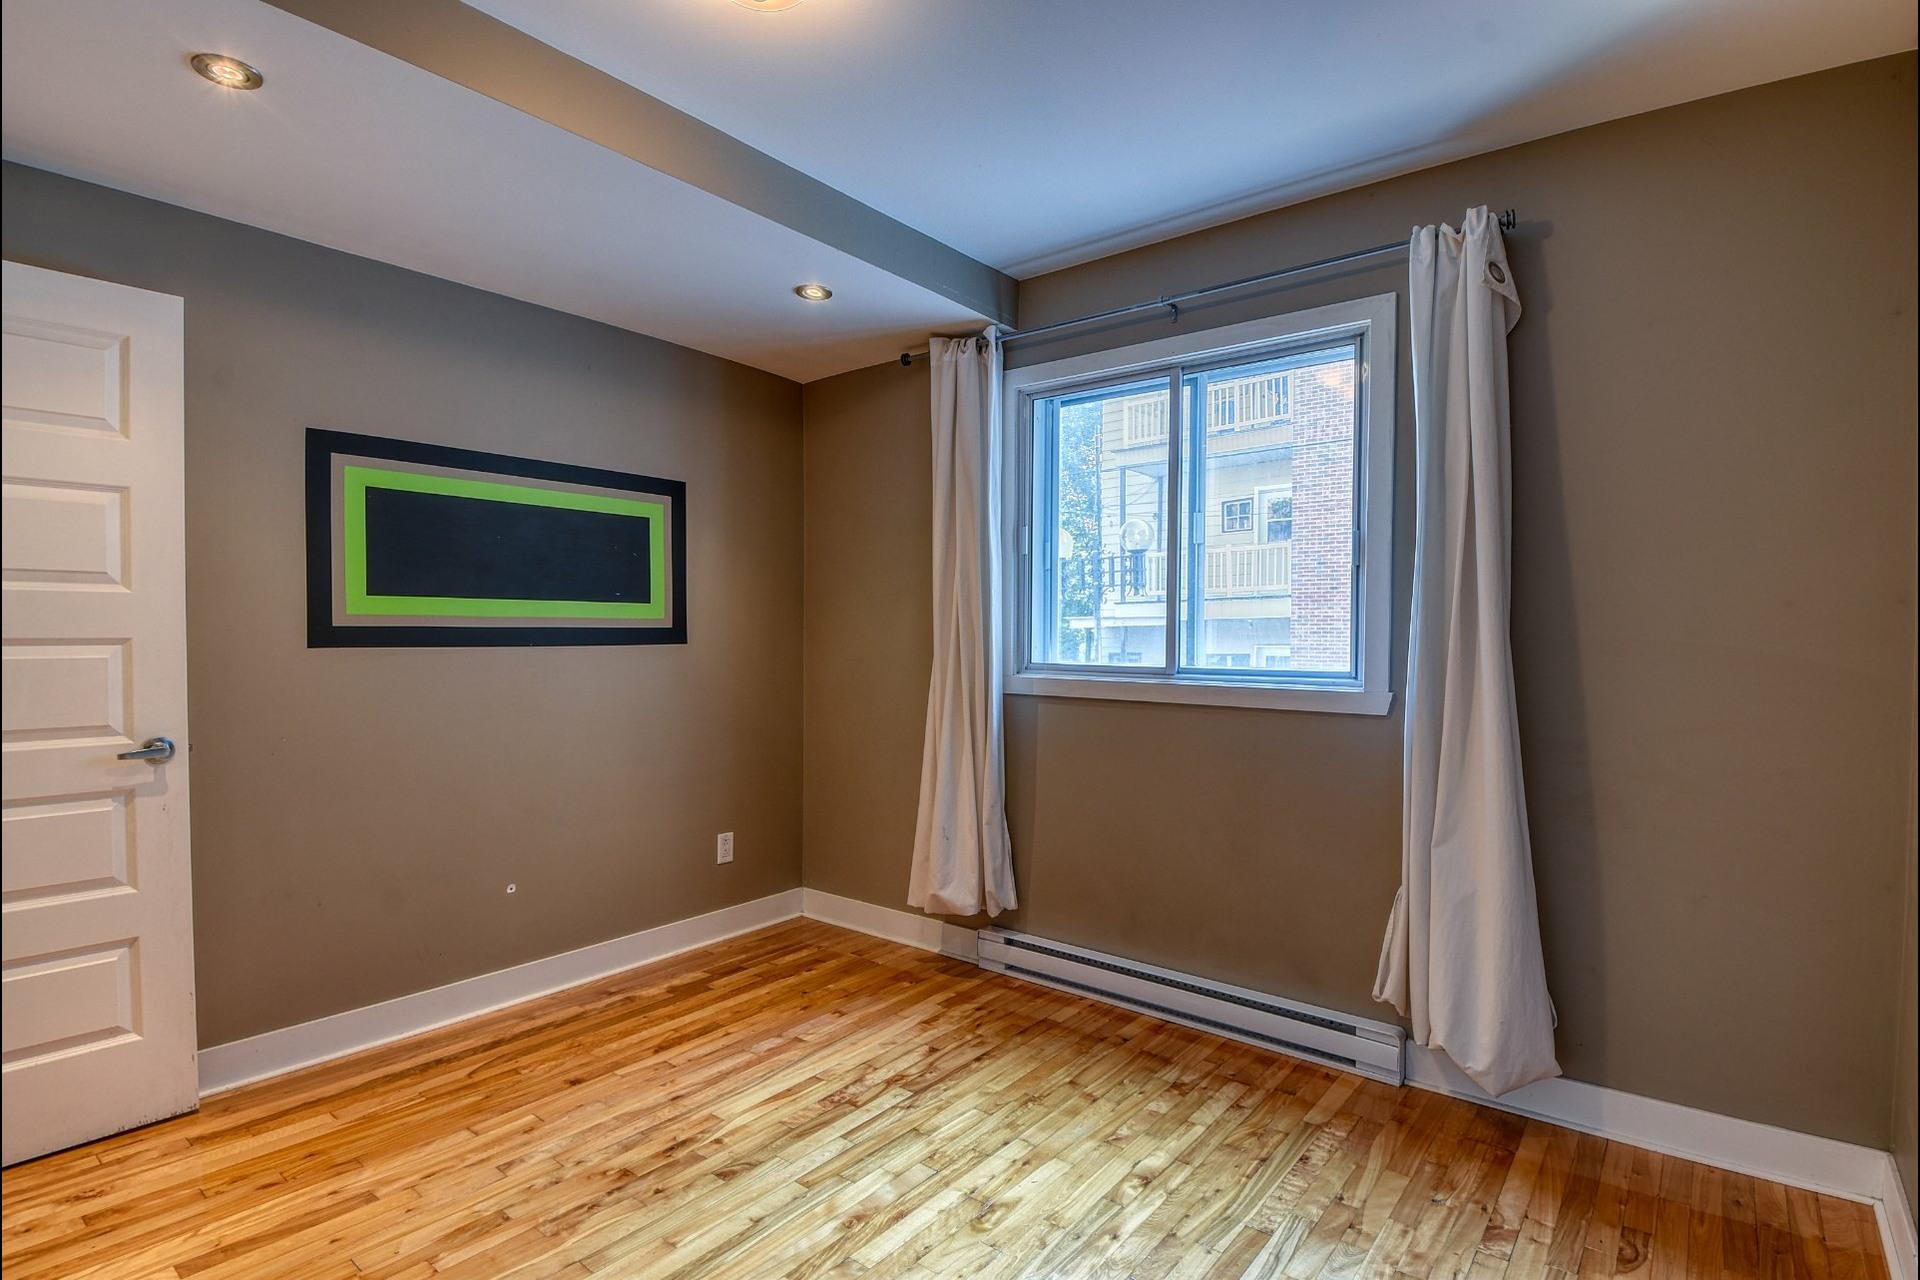 image 9 - Apartment For sale Mercier/Hochelaga-Maisonneuve Montréal  - 4 rooms